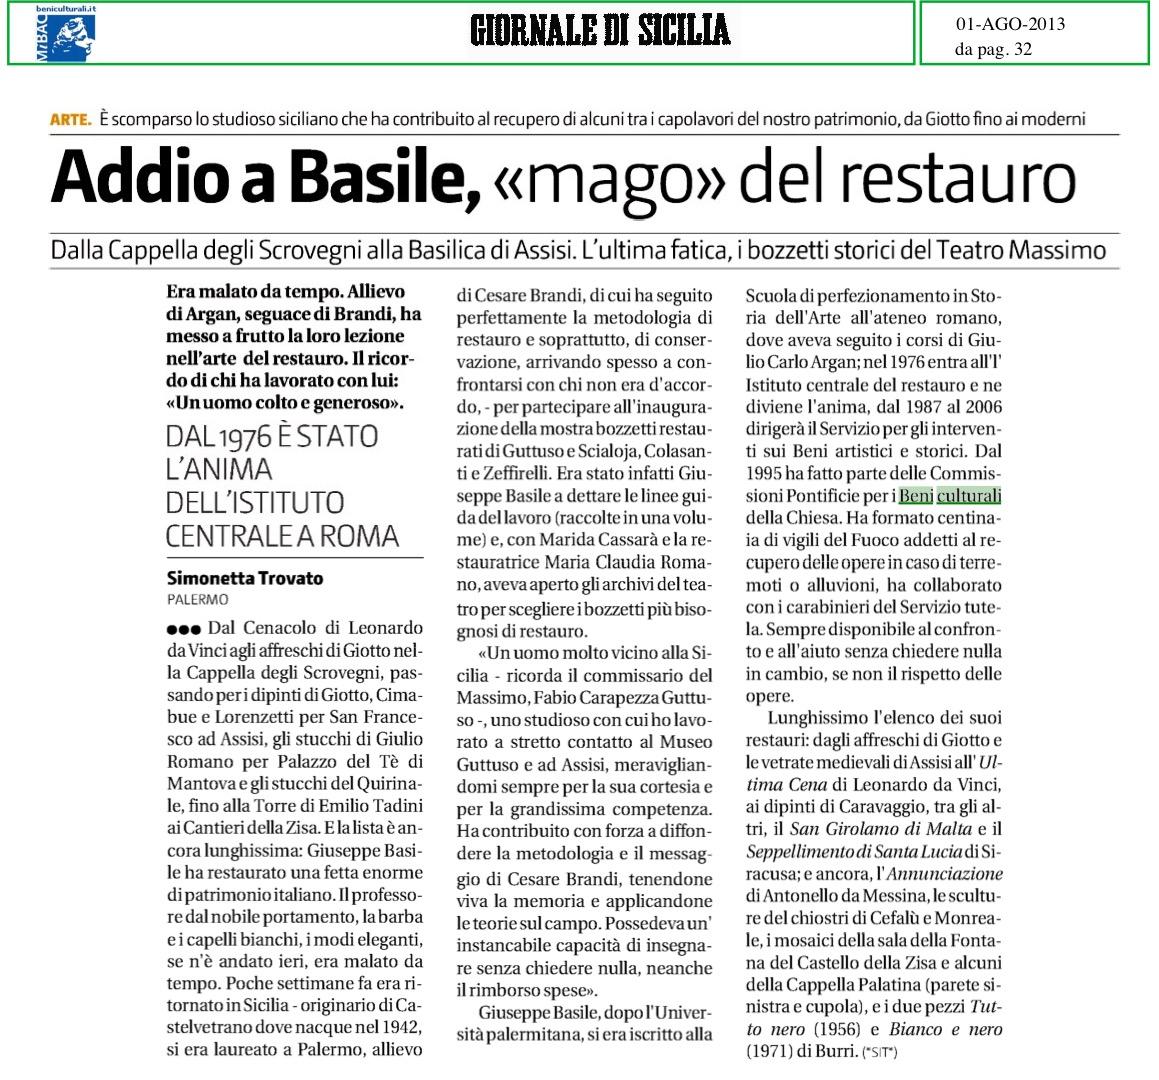 Il Giornale di Sicilia 2013 08 01 Basile 1